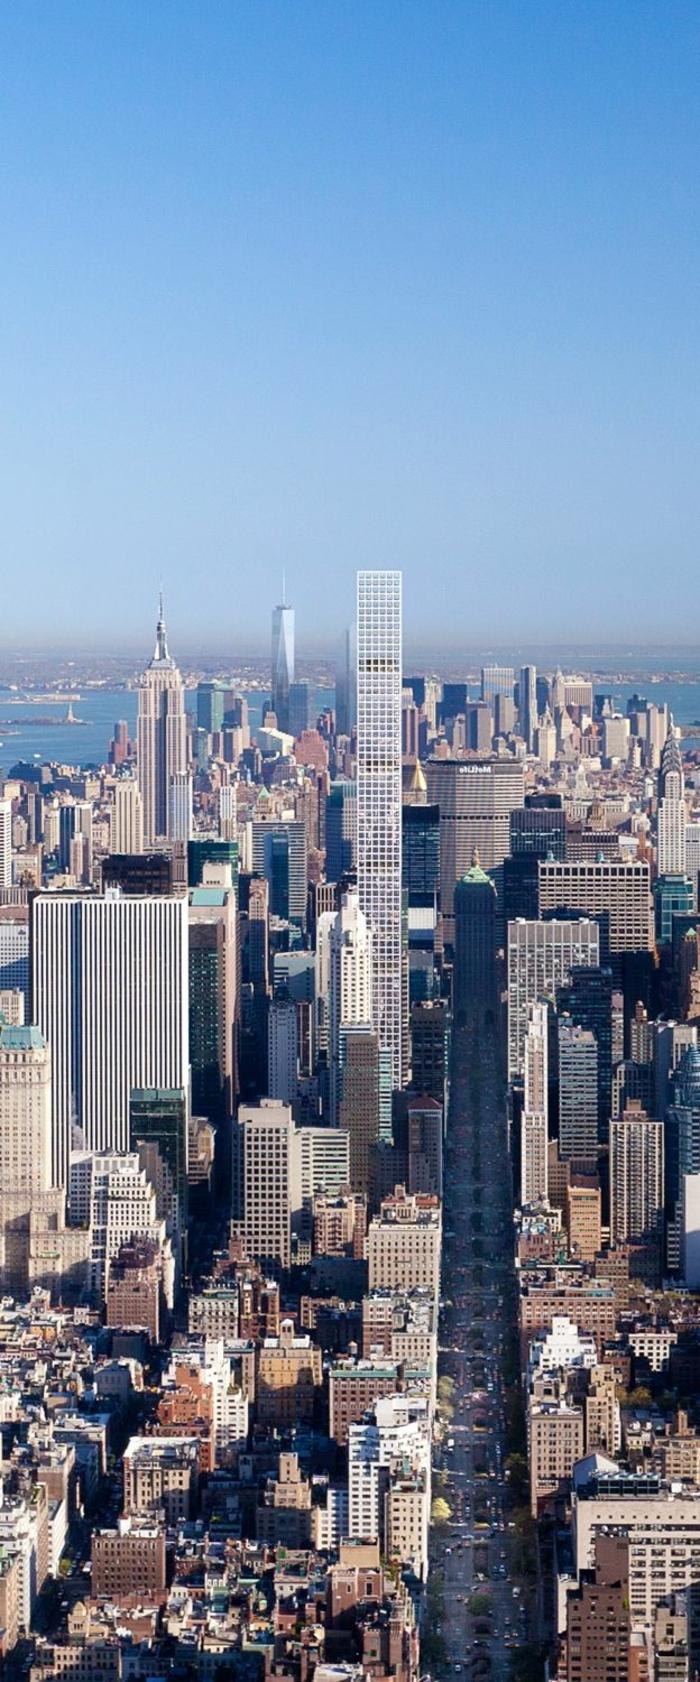 1-gratte-ciel-mondial-les-grattes-ciel-moderne-dans-toute-sa-beauté-new-york-432-Park-Avenue